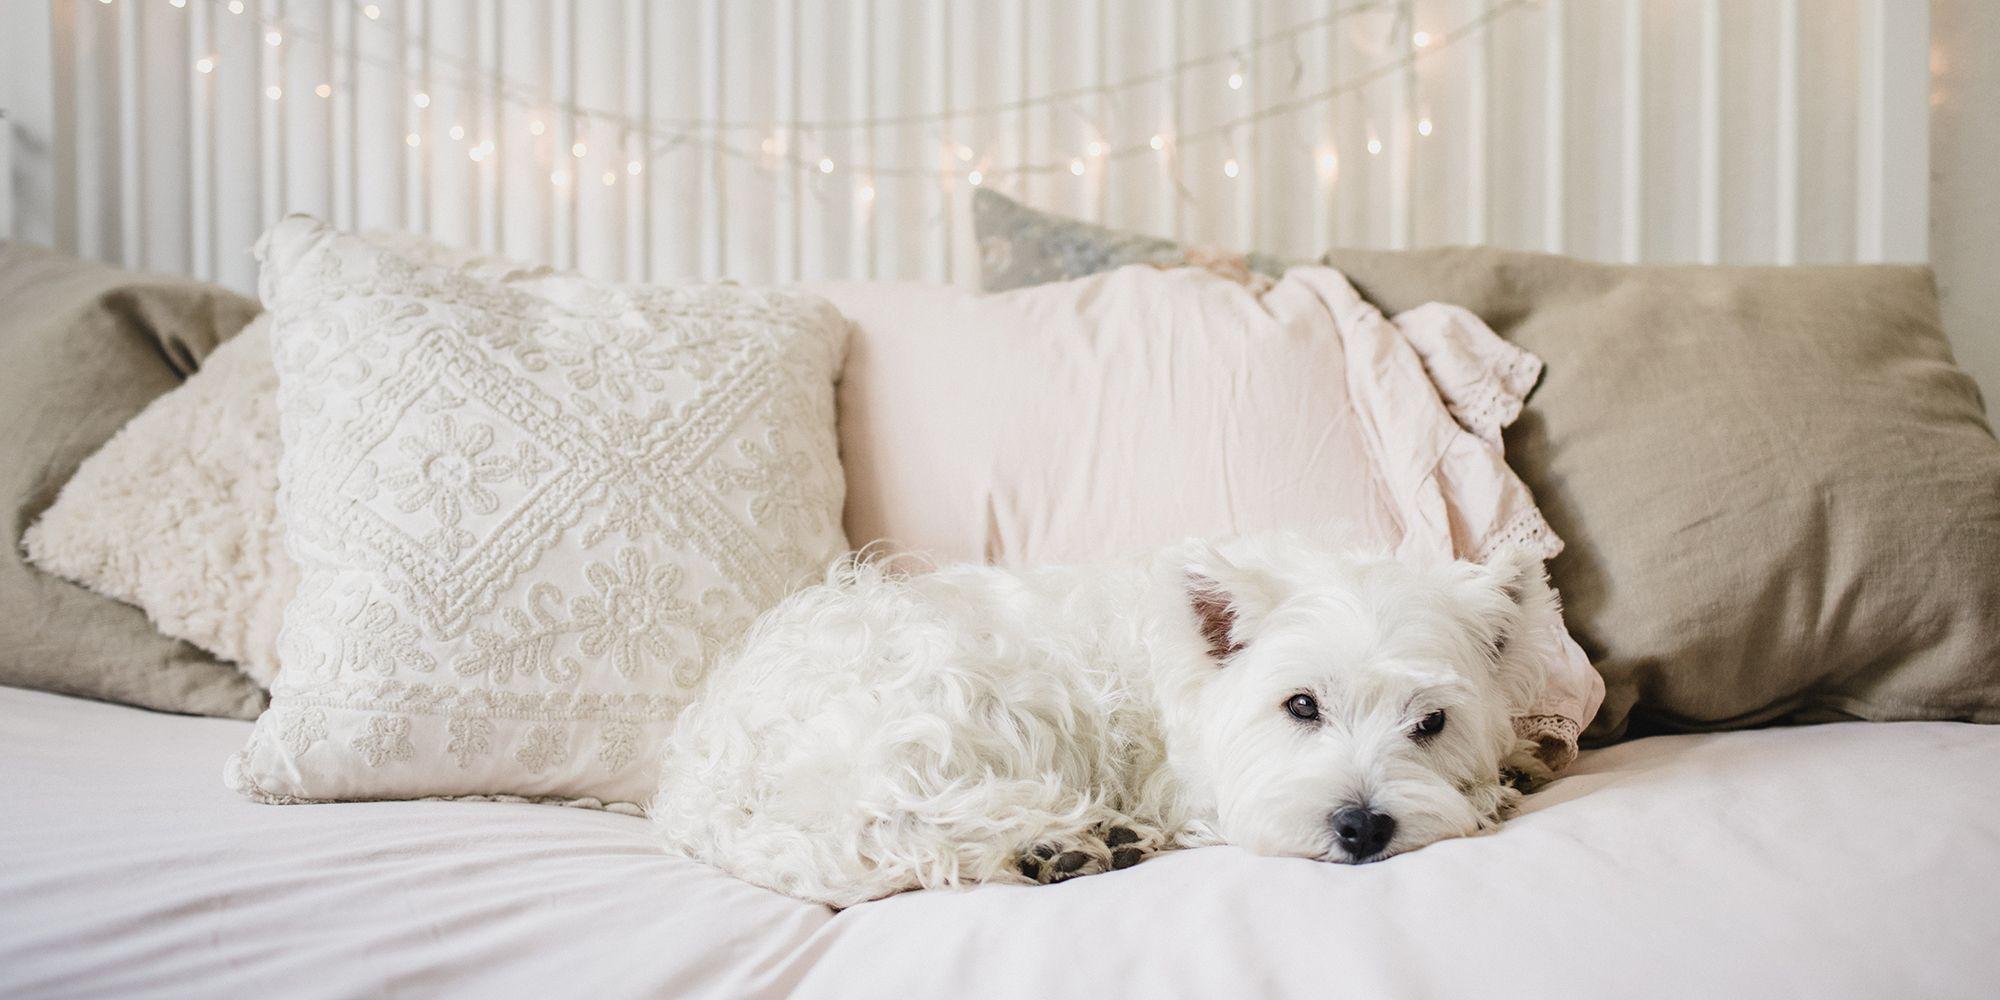 best bed pillows 2019